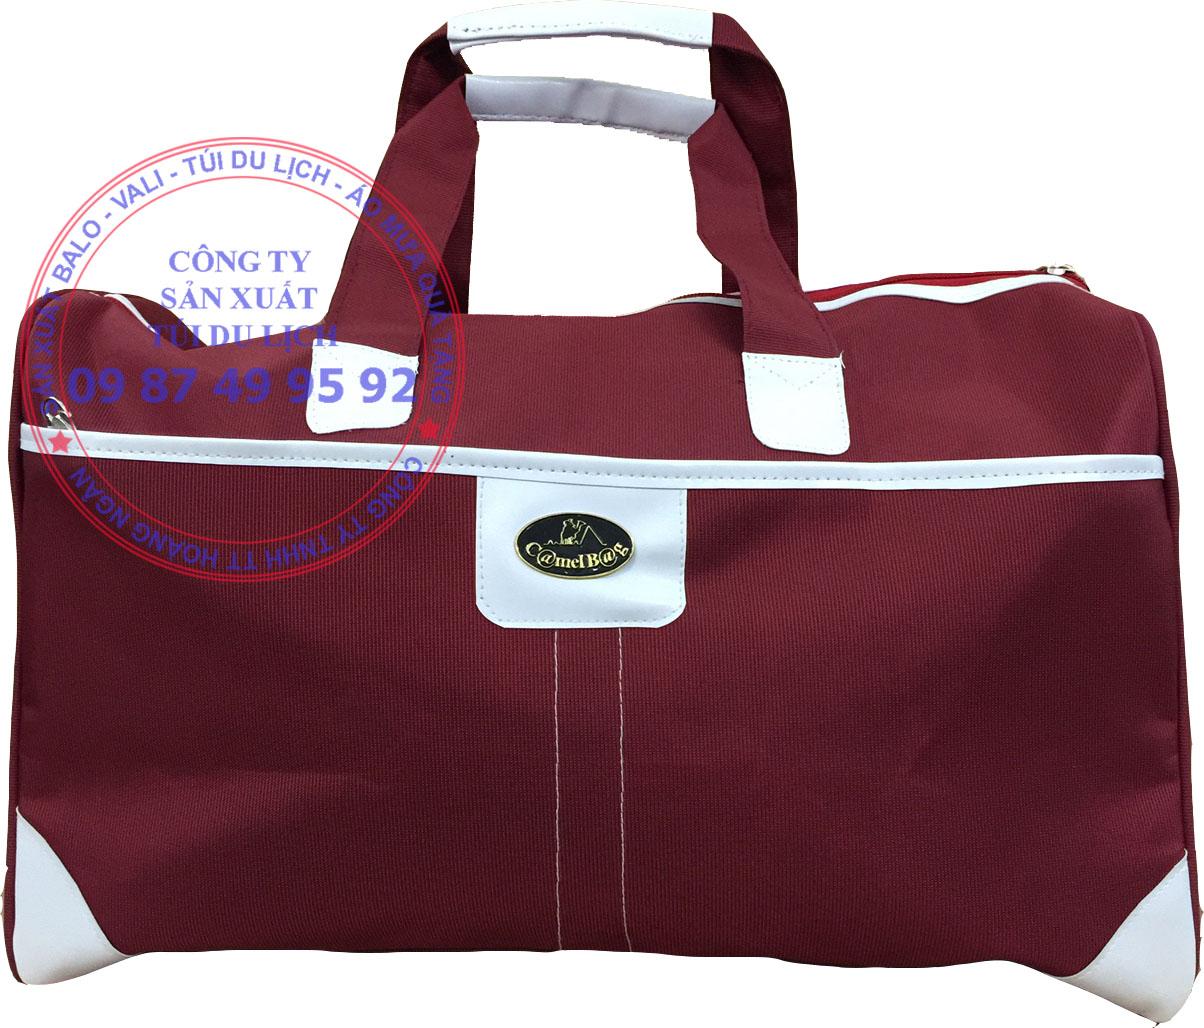 Sản xuất túi du lịch TP Bank